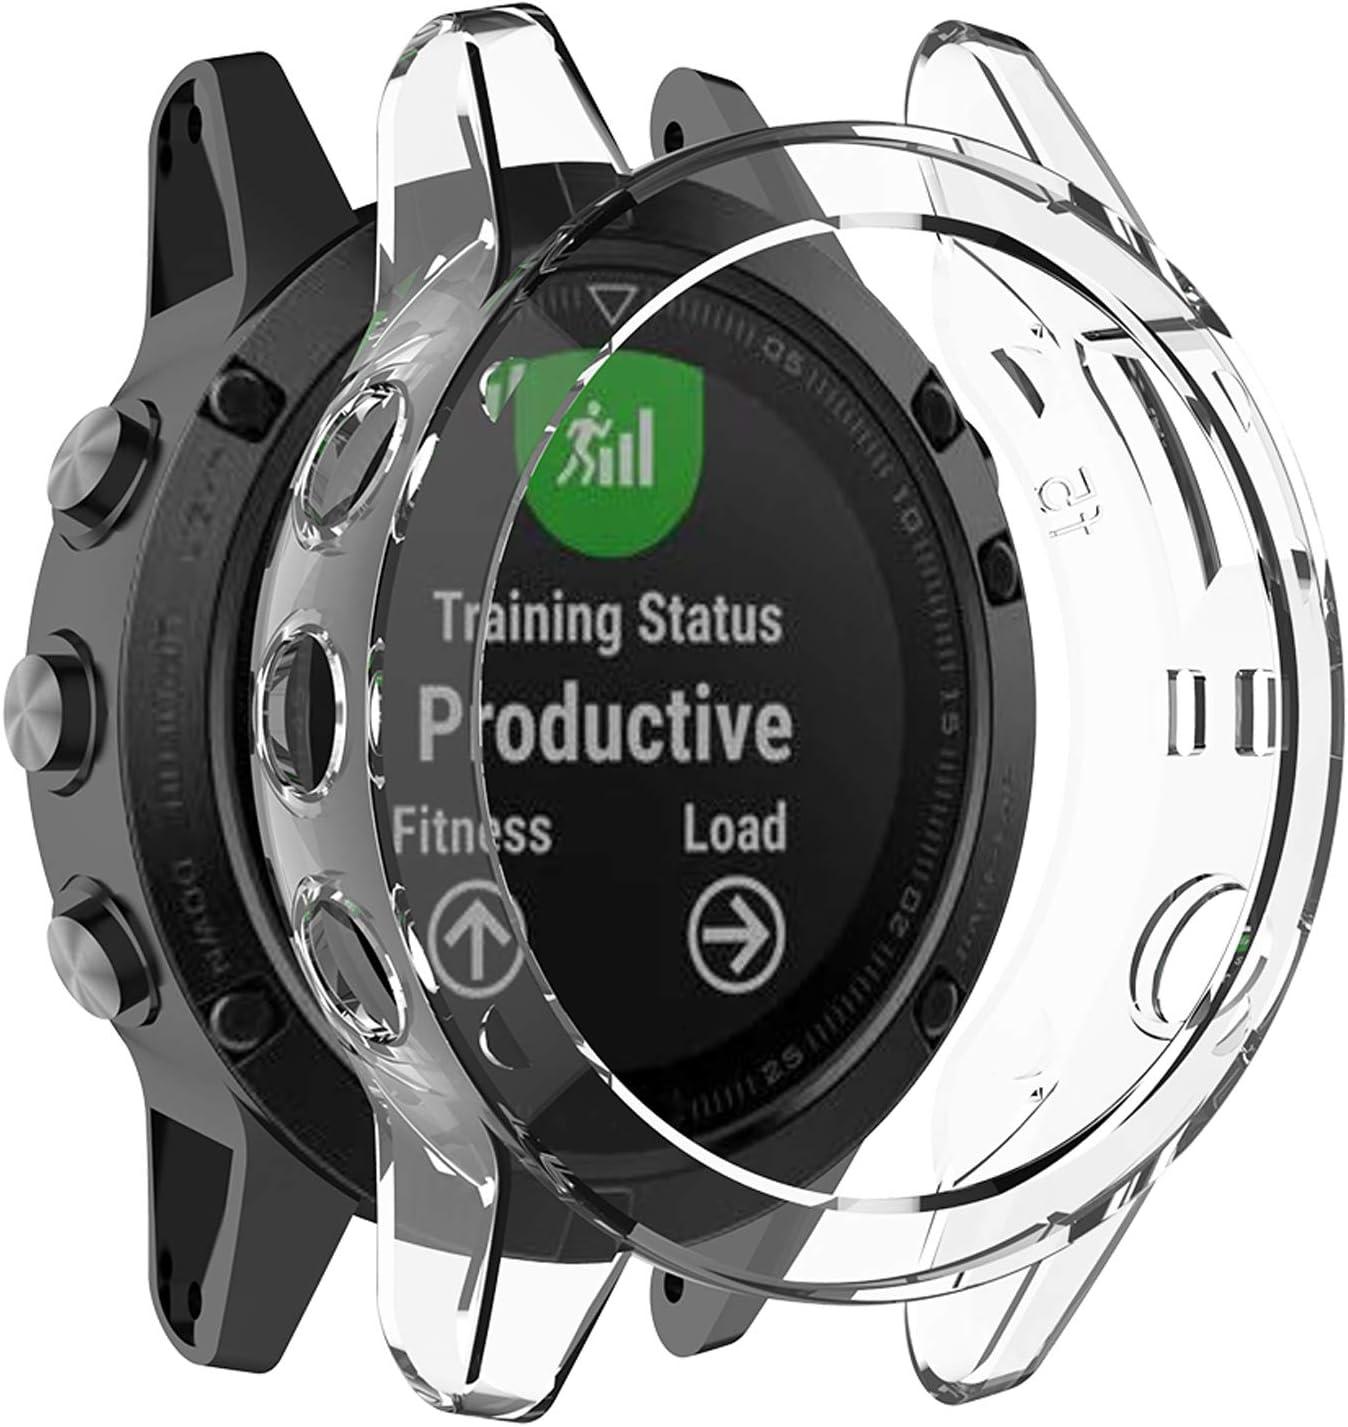 Funda protectora para Smartwatch Garmin Fenix 5 Plus.(2RBR)